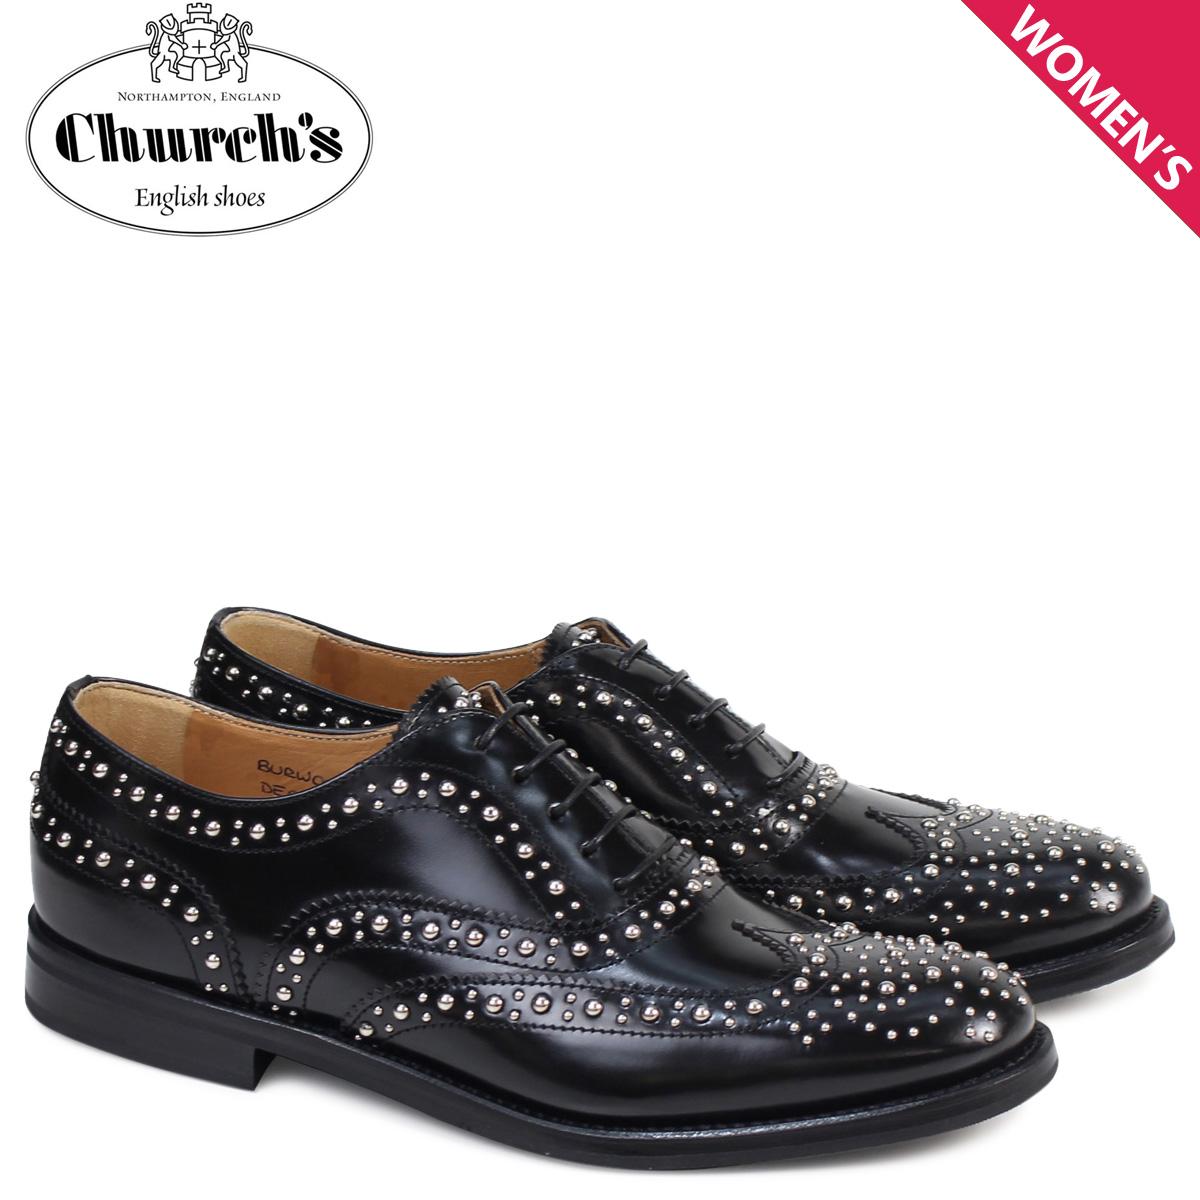 チャーチ Church's 靴 レディース バーウッド シューズ ウイングチップ メット Burwood Met Polish Binder Calf 8746 DE0002 スタッズ ブラック